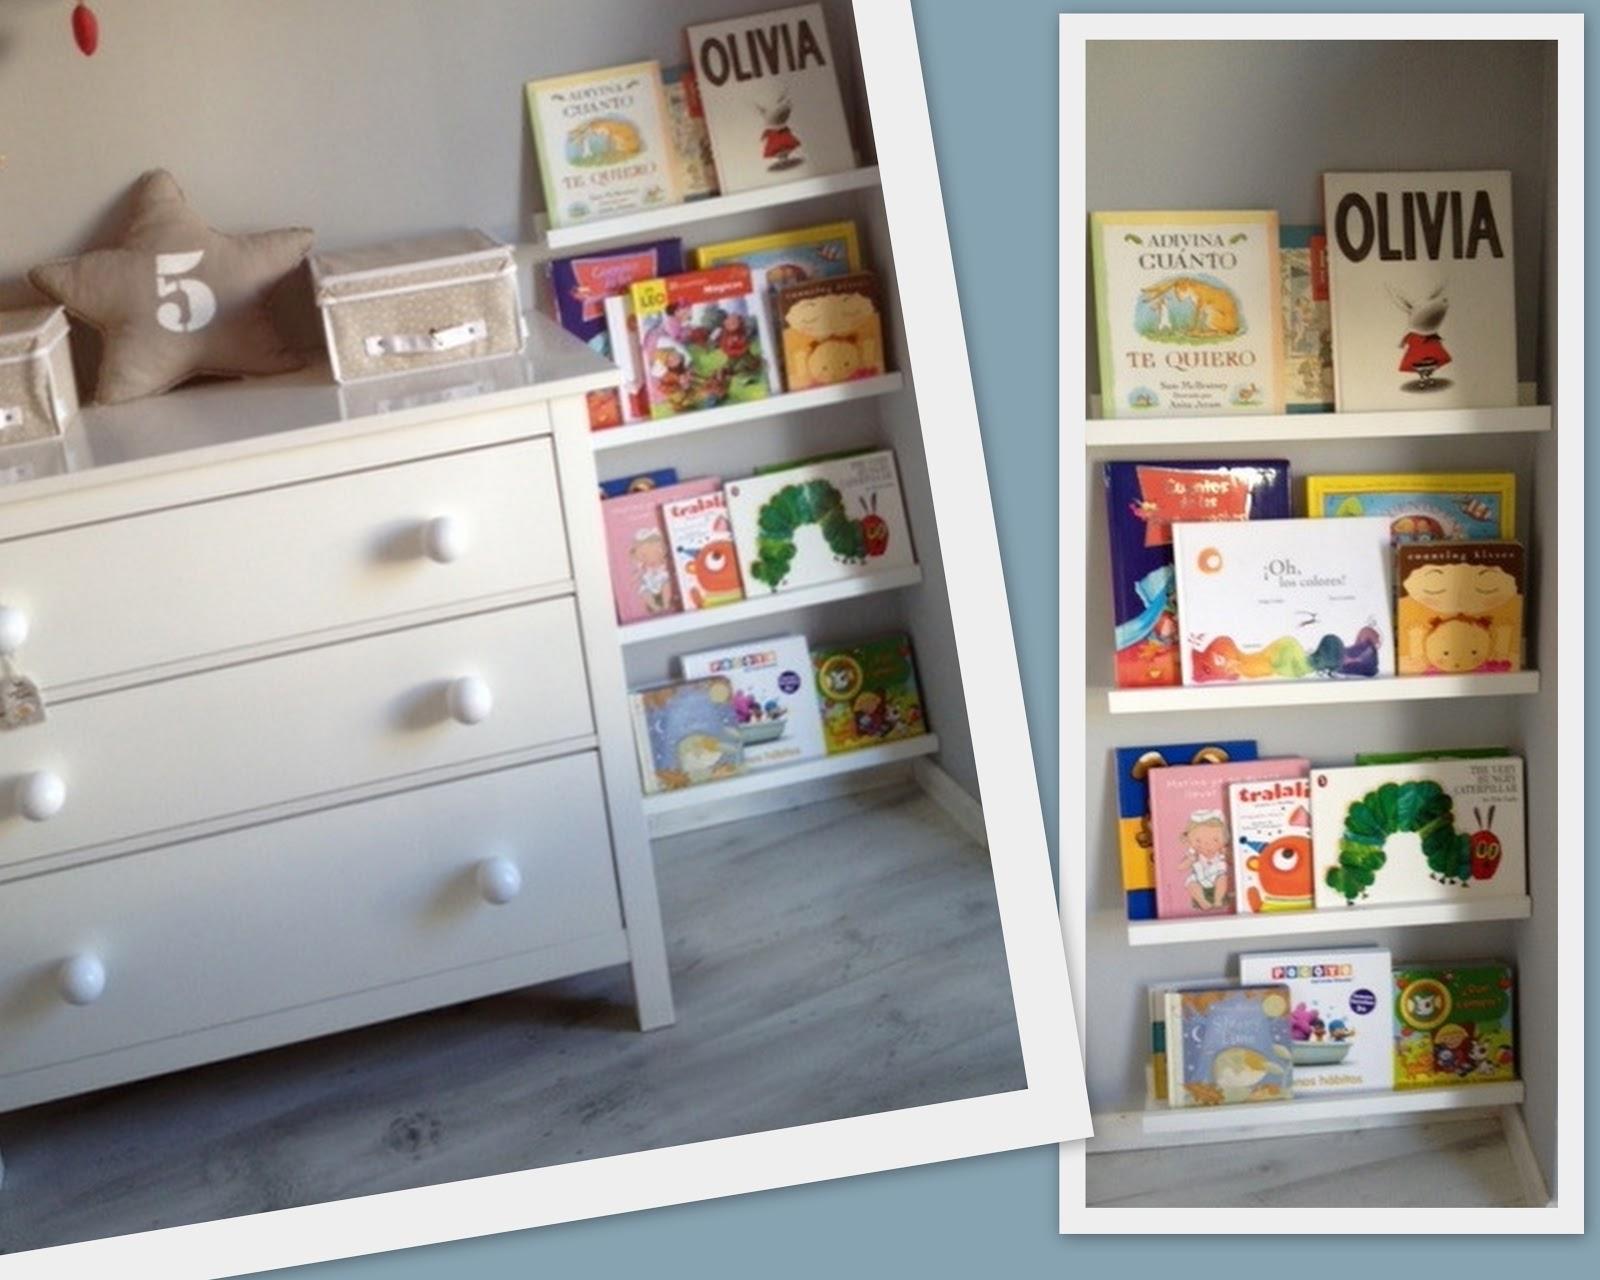 Vistiendo a olivia estanterias para libros - Estanteria para ropa ...